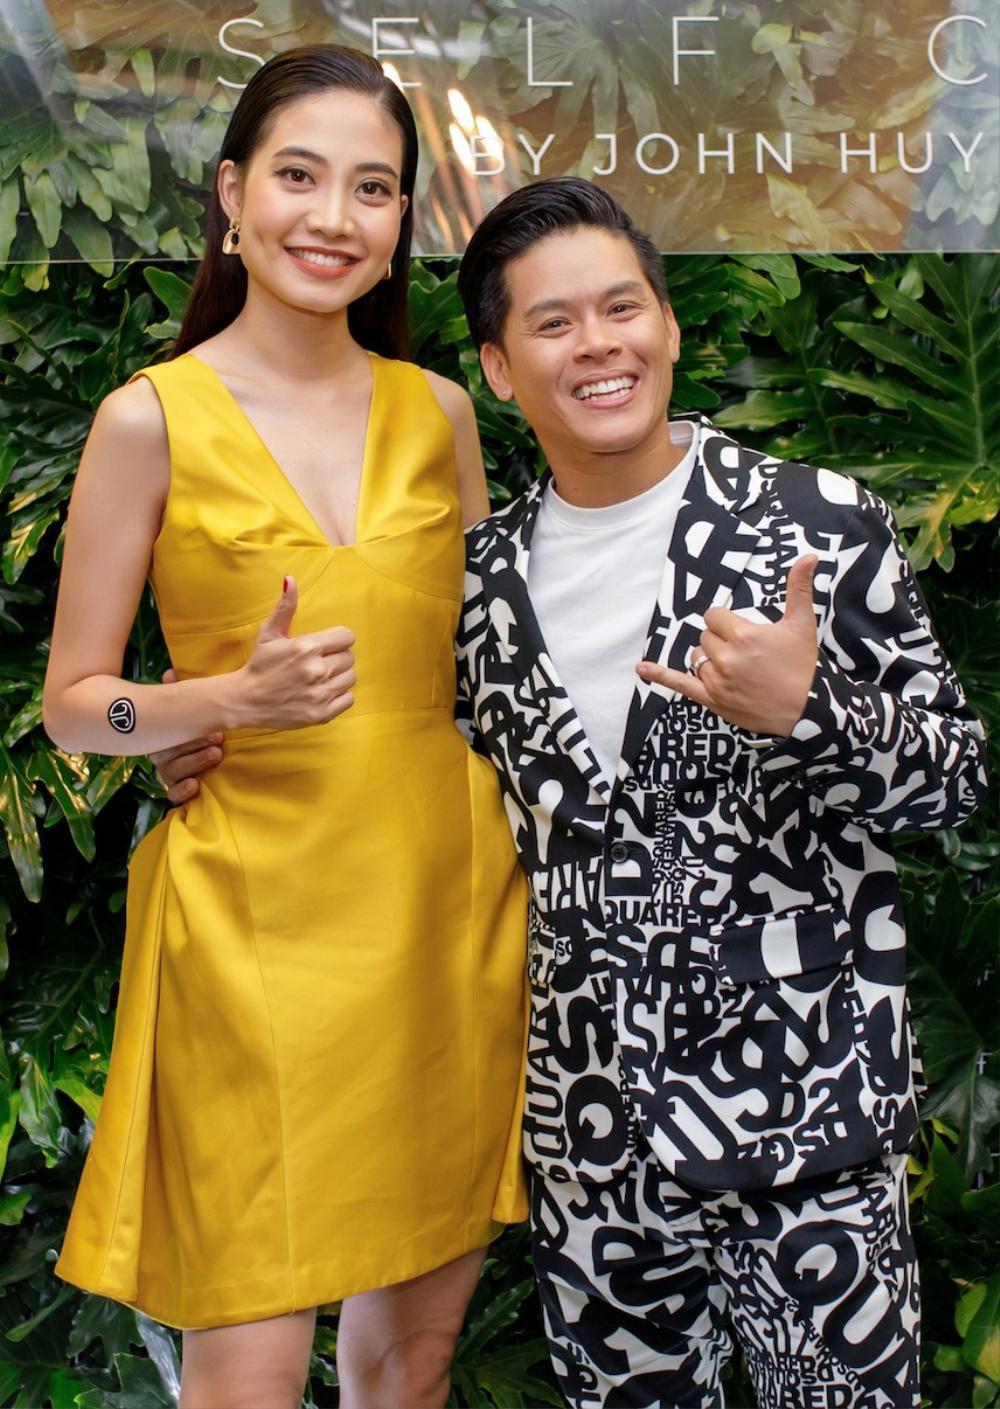 John Huy Trần ra mắt trang phân phối sản phẩm làm đẹp trực tuyến Ảnh 4